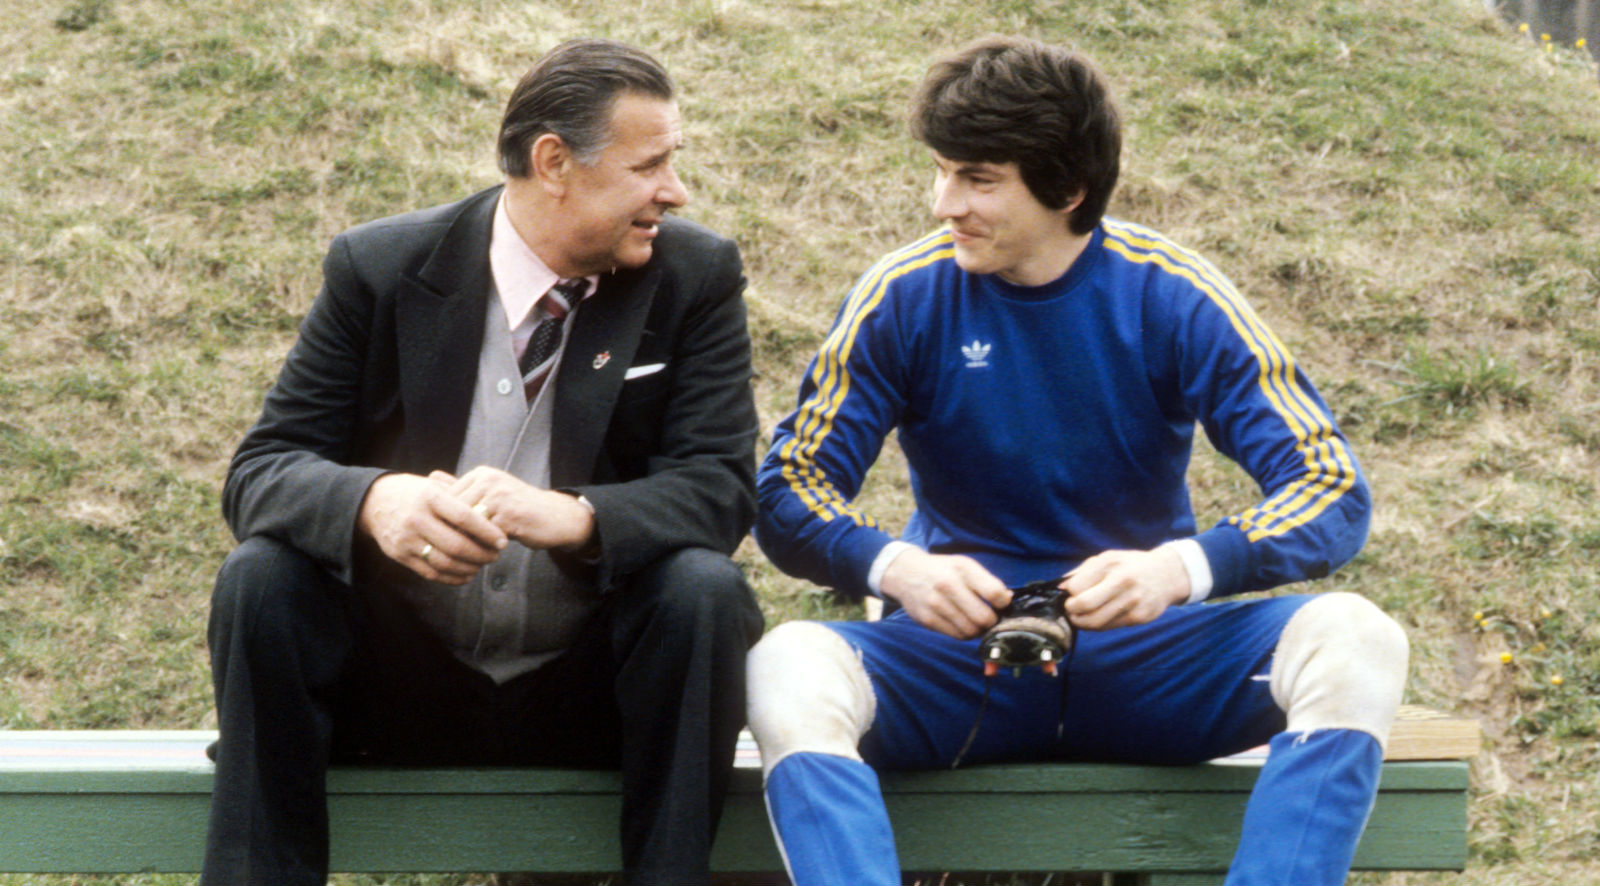 Dasaev together with Yashin